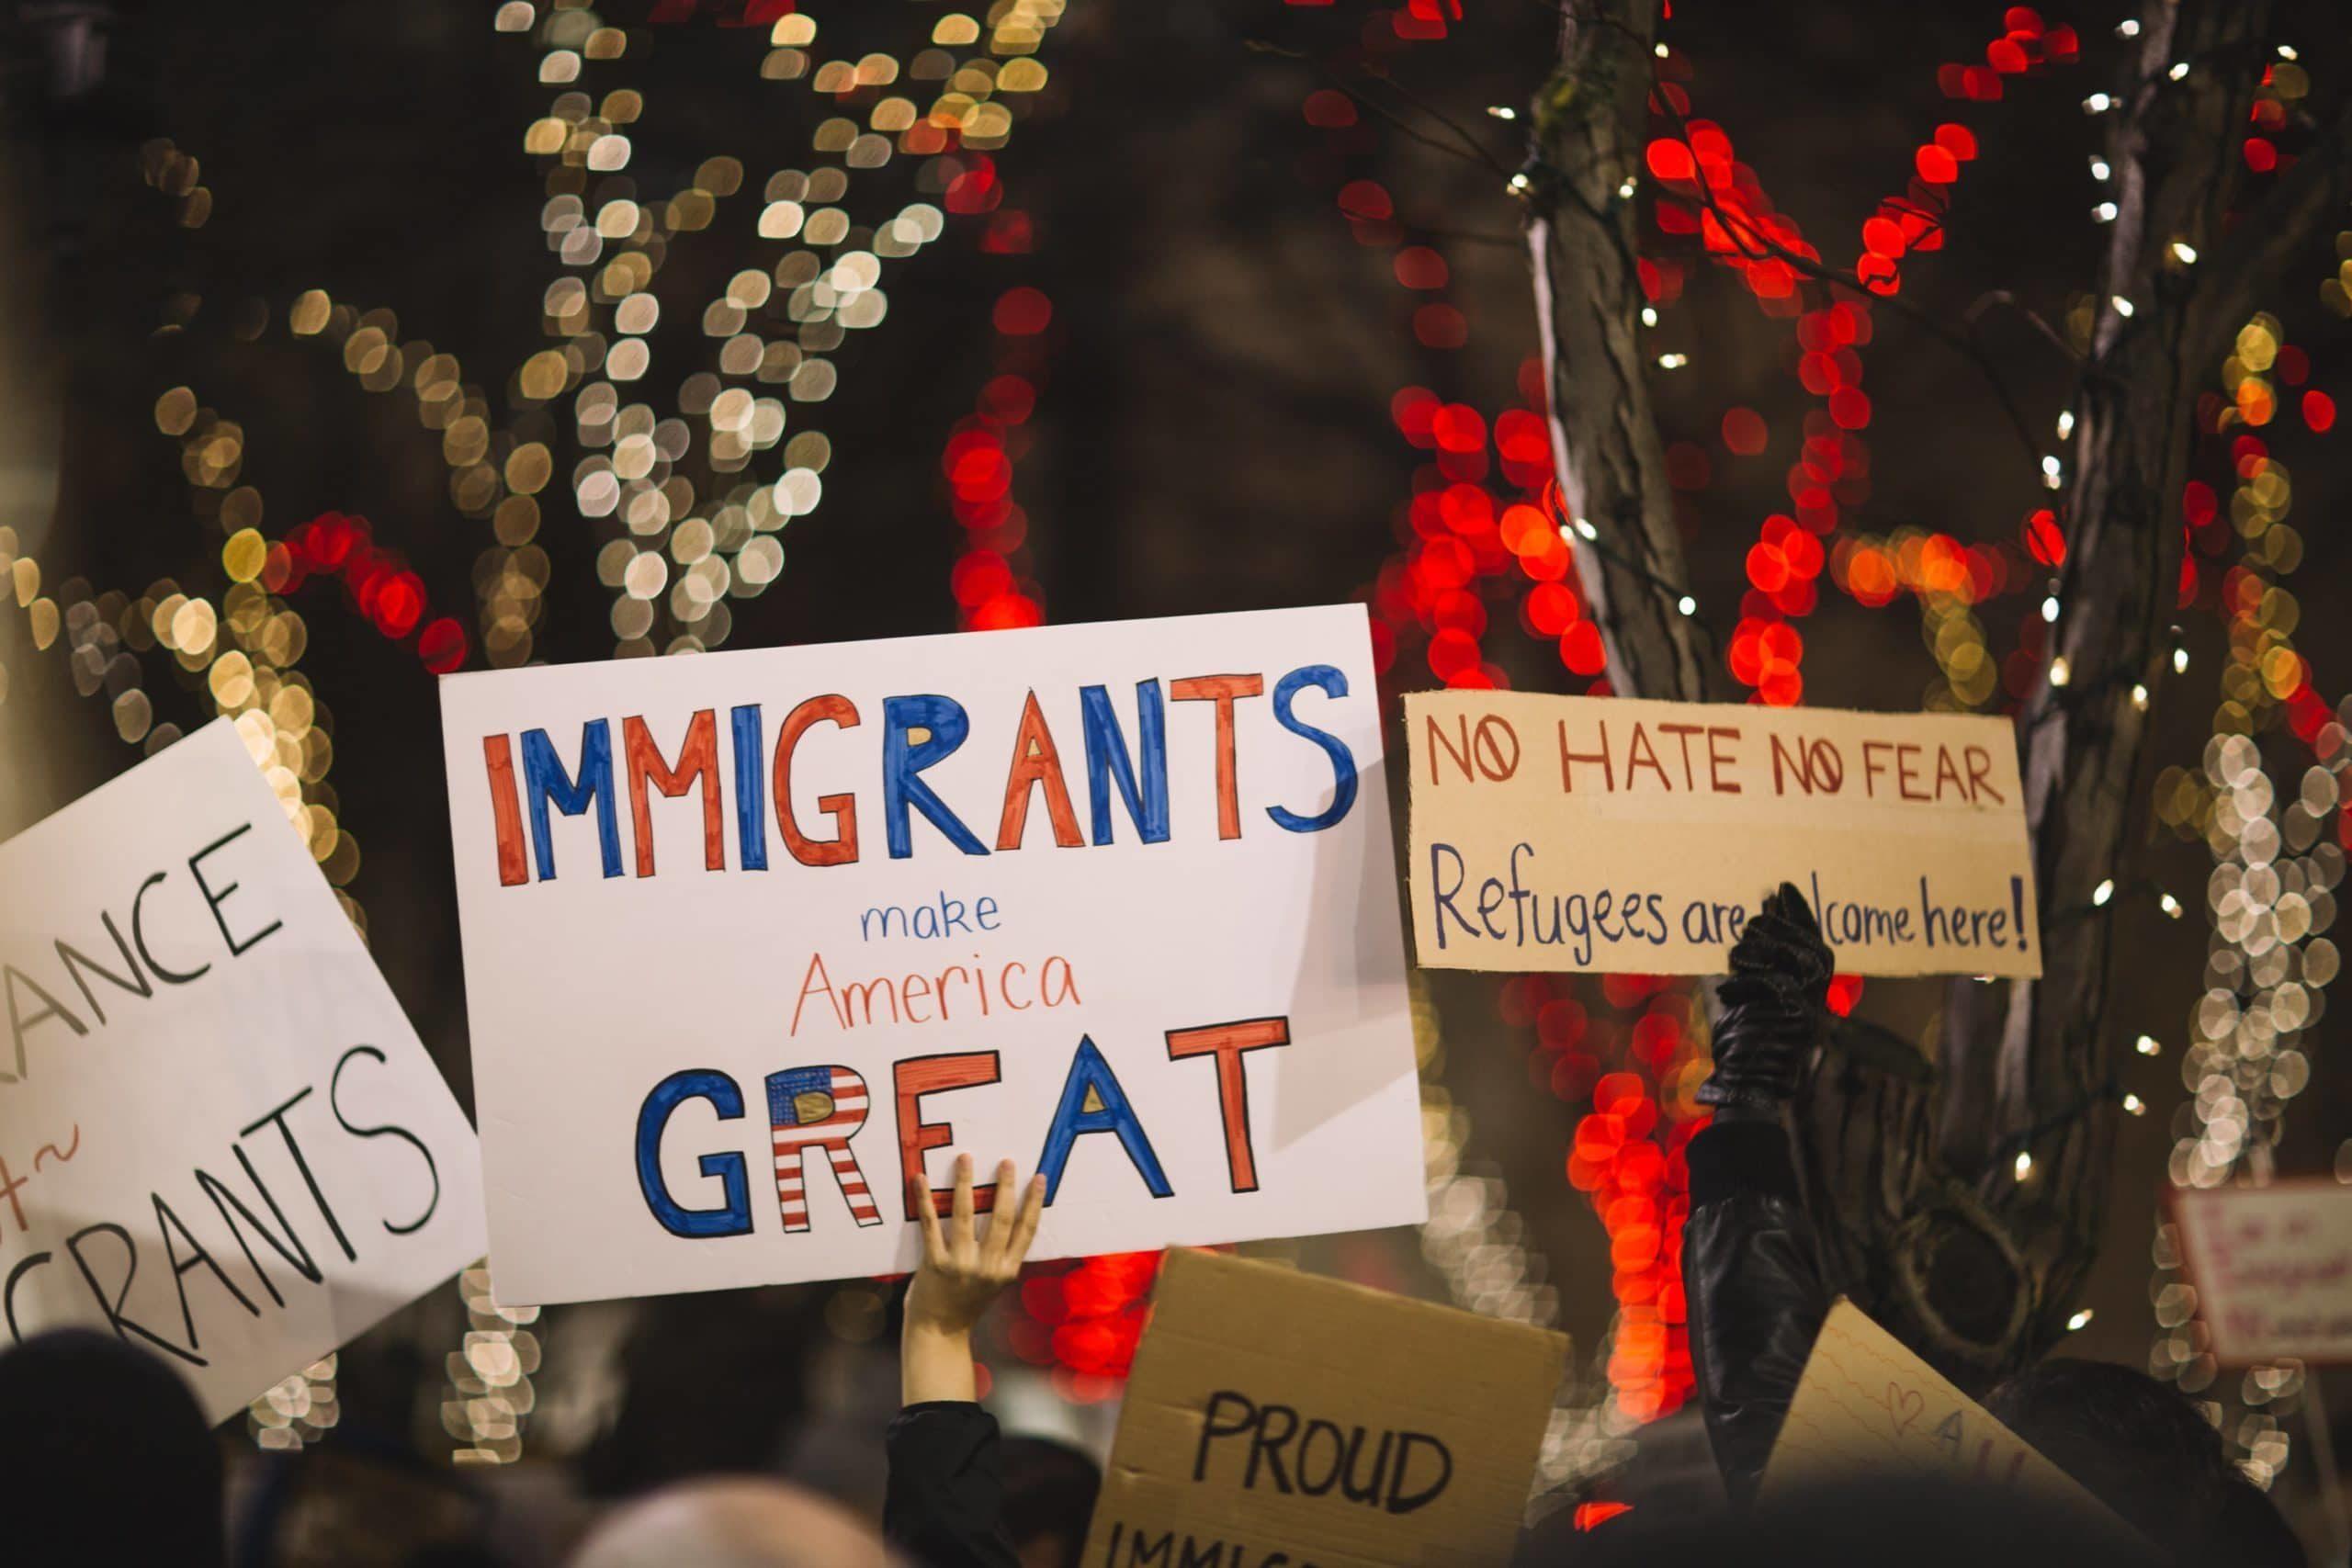 personas que se organizan en apoyo de los derechos de los inmigrantes